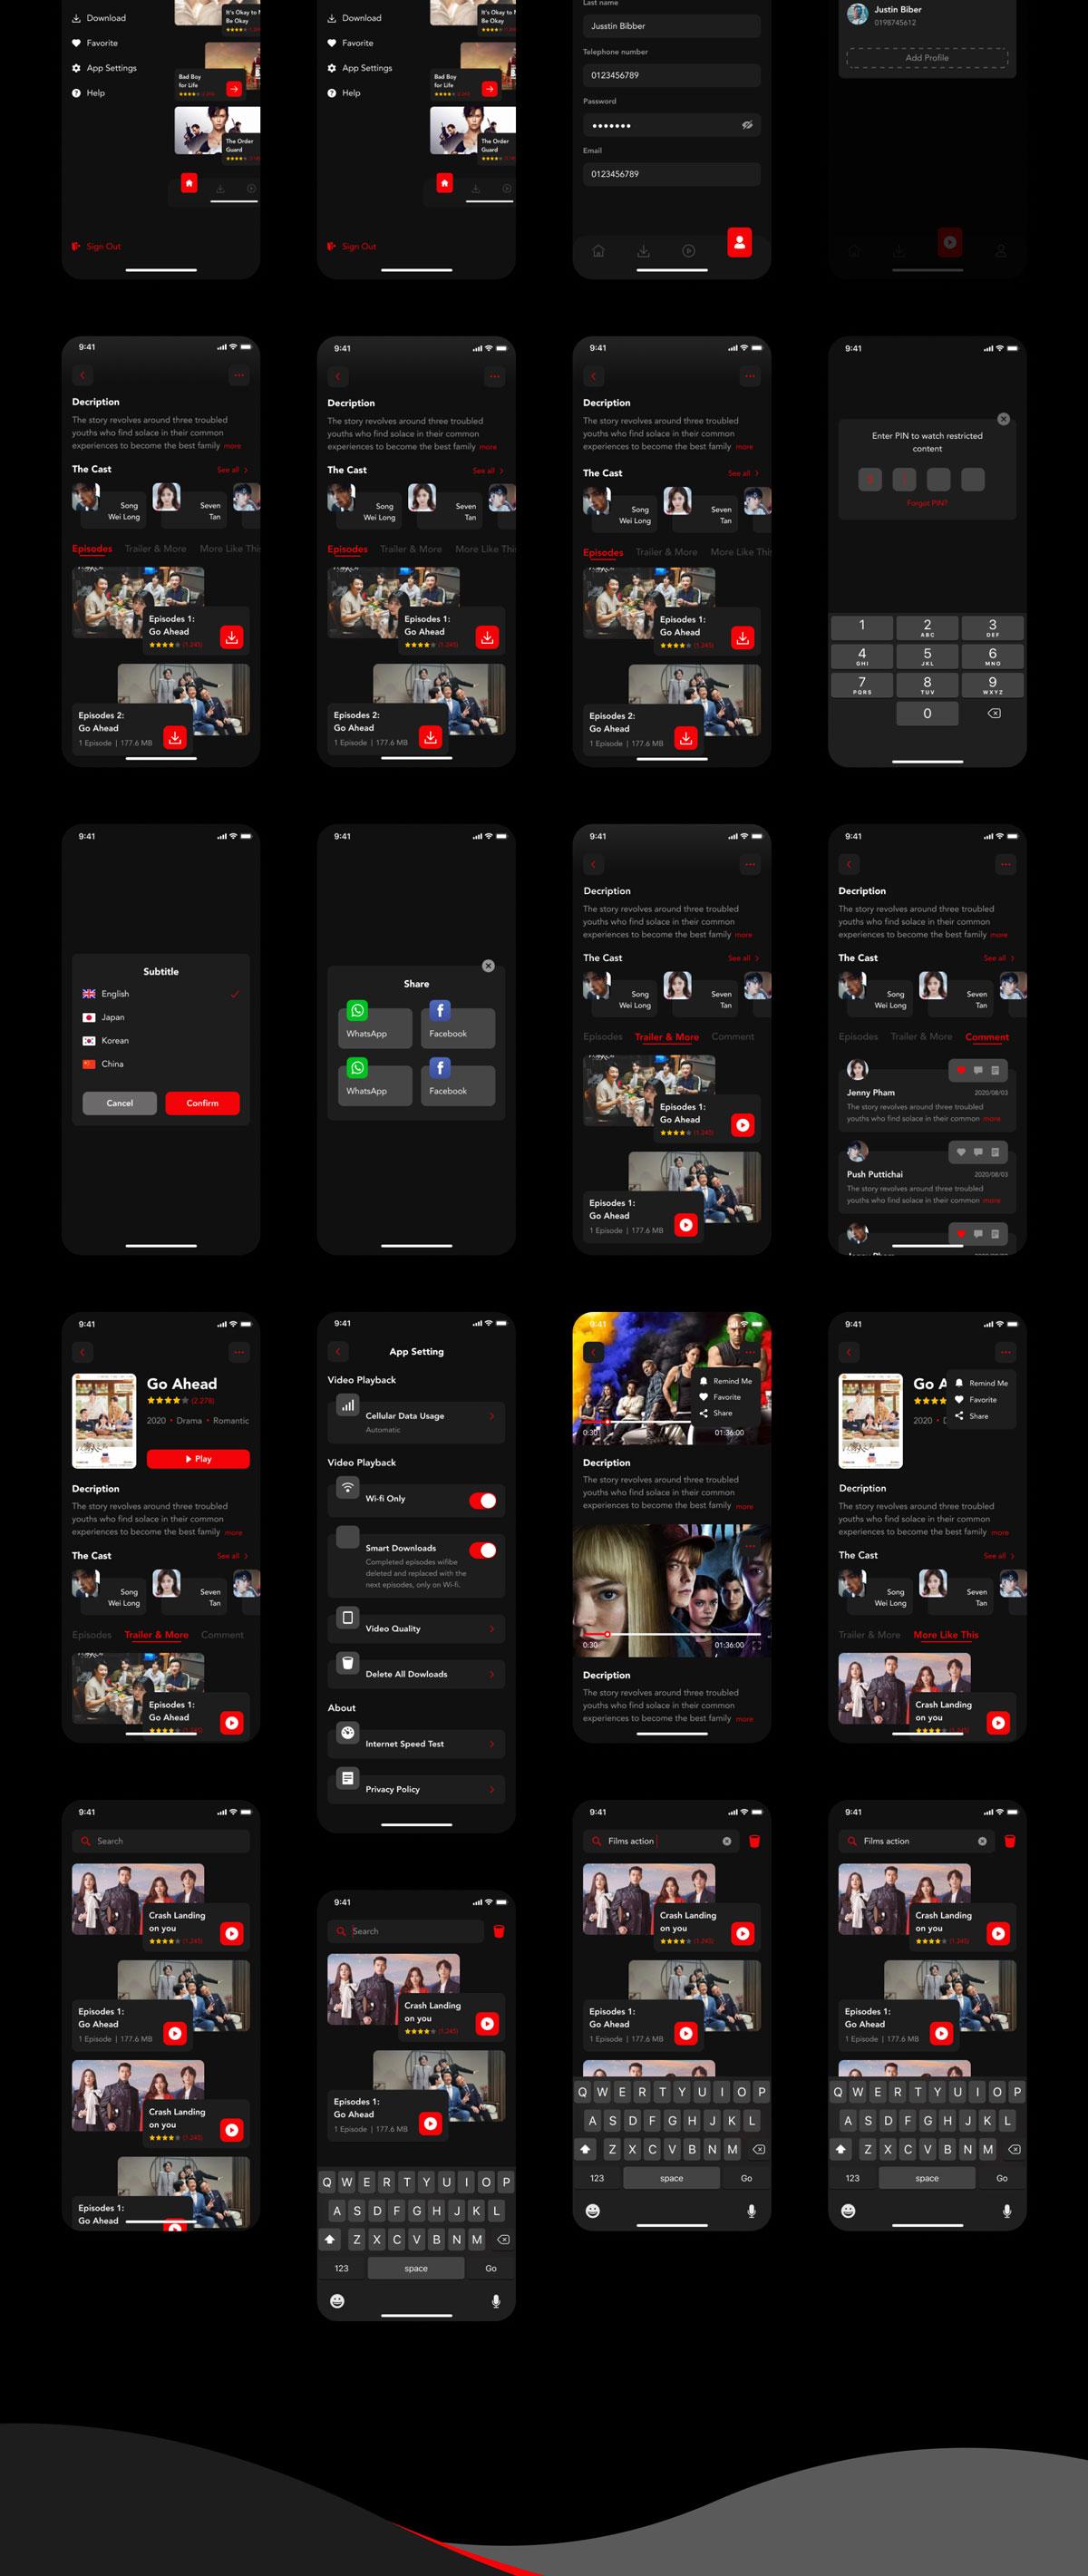 现代暗黑色电影视频娱乐APP应用程序界面设计UI套件 WaFilm – Entertainment App UI Kit插图2